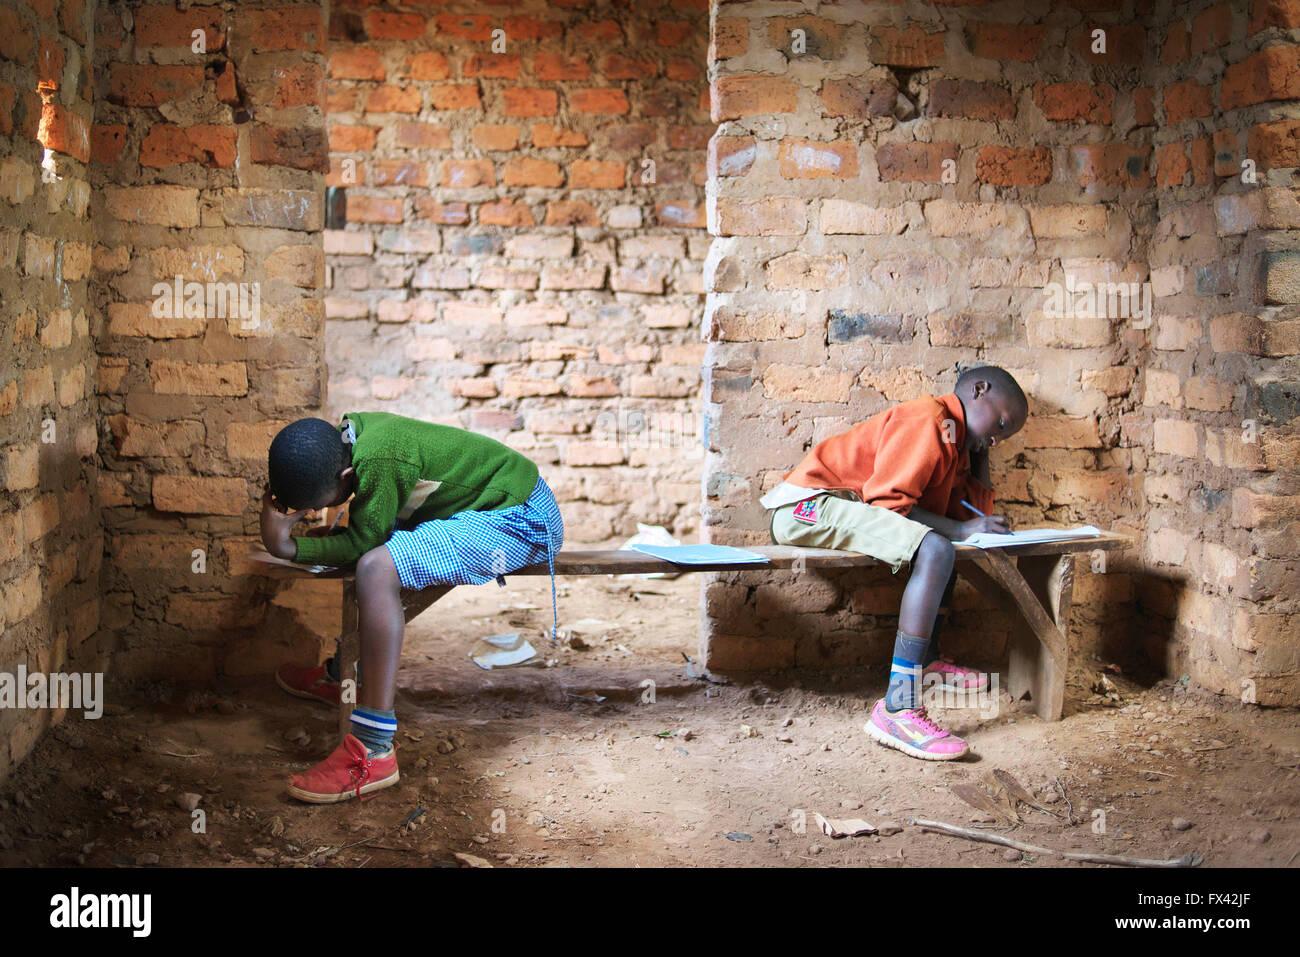 Deux enfants de l'école habillés de couleurs vives de subir des examens dans une école rurale Photo Stock